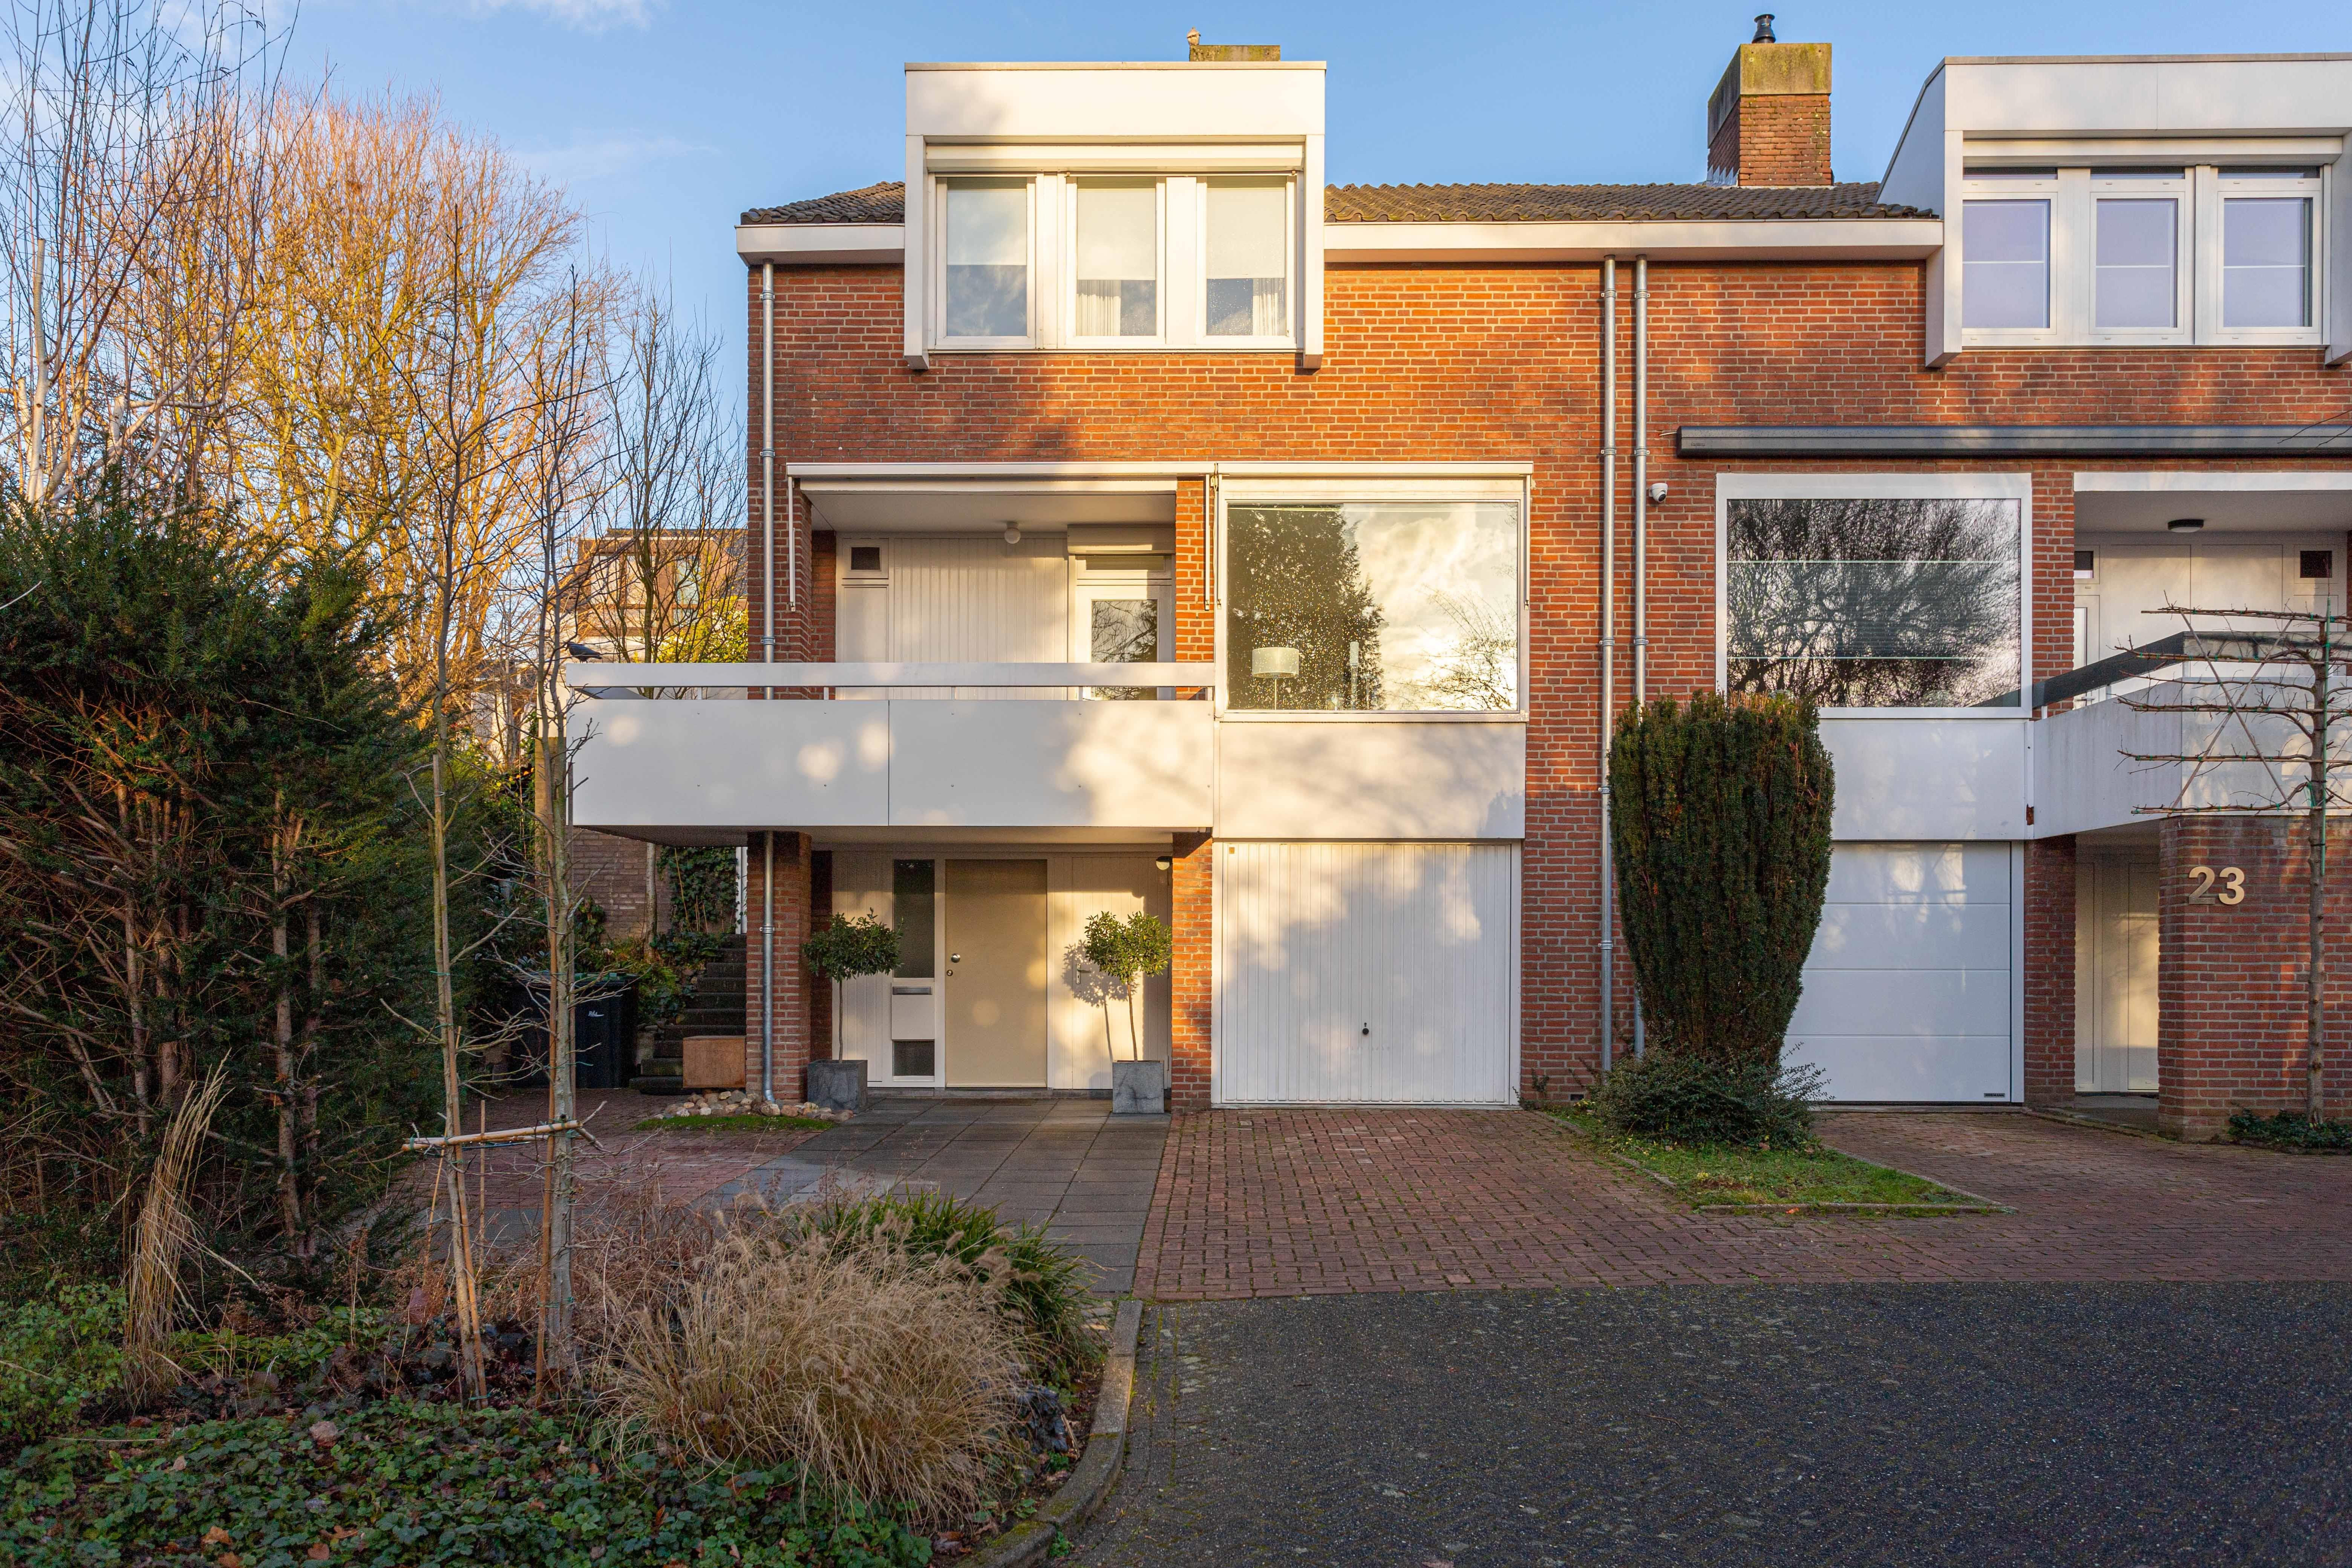 Te koop: Douve Weienstraat 21, 6417GH Heerlen